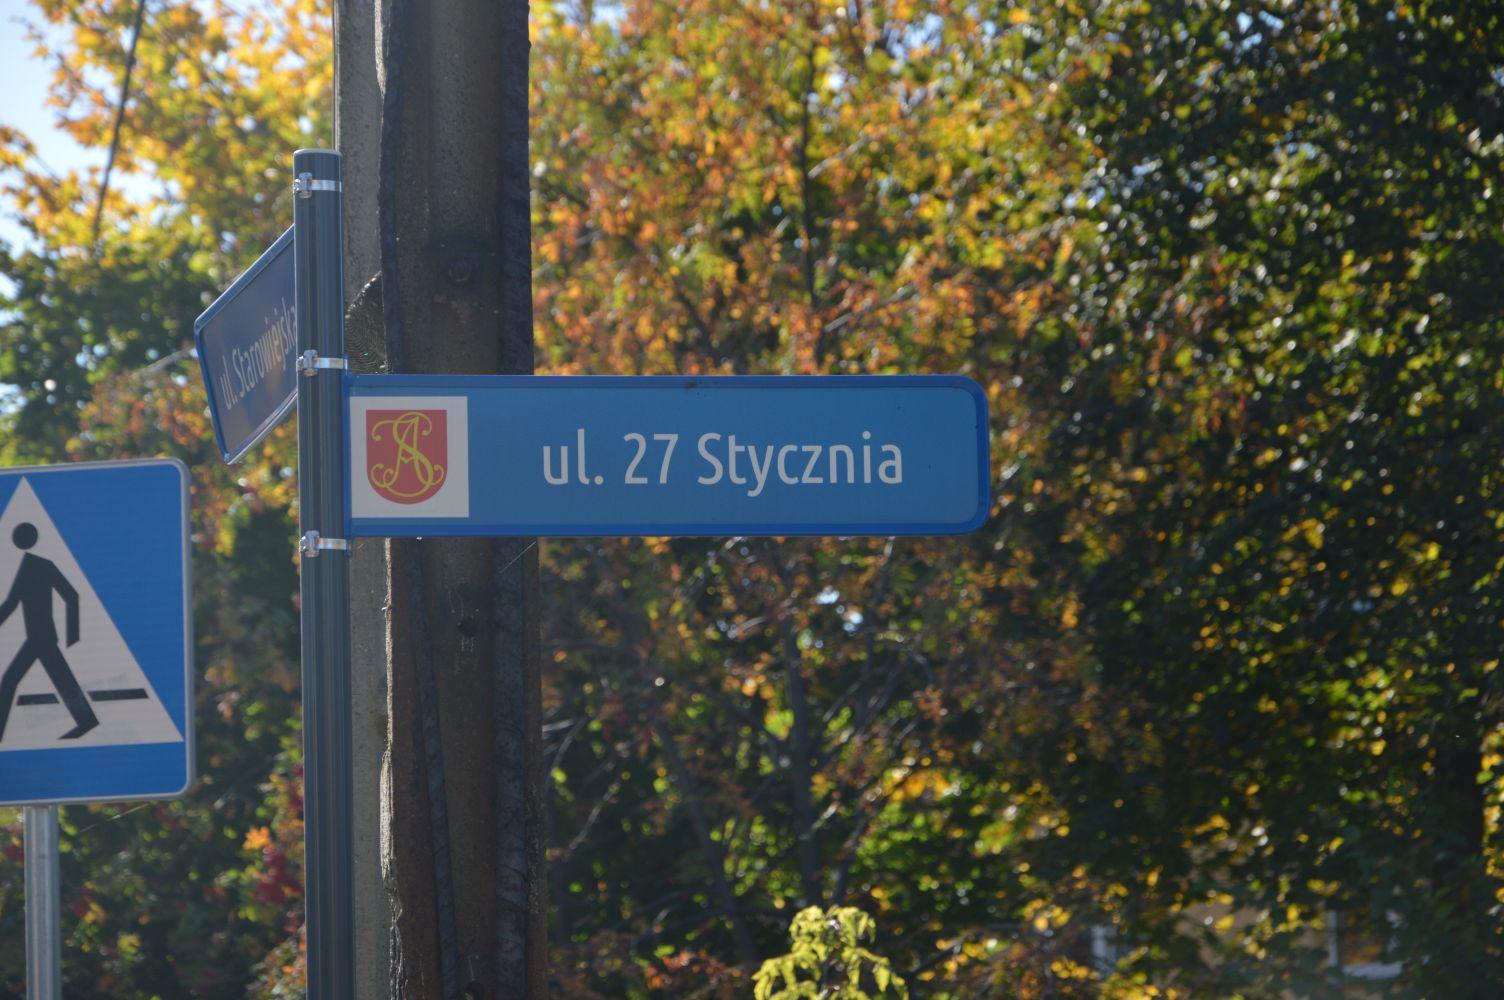 Jest nowa propozycja na nazwę ulicy 27 Stycznia. Jaka?